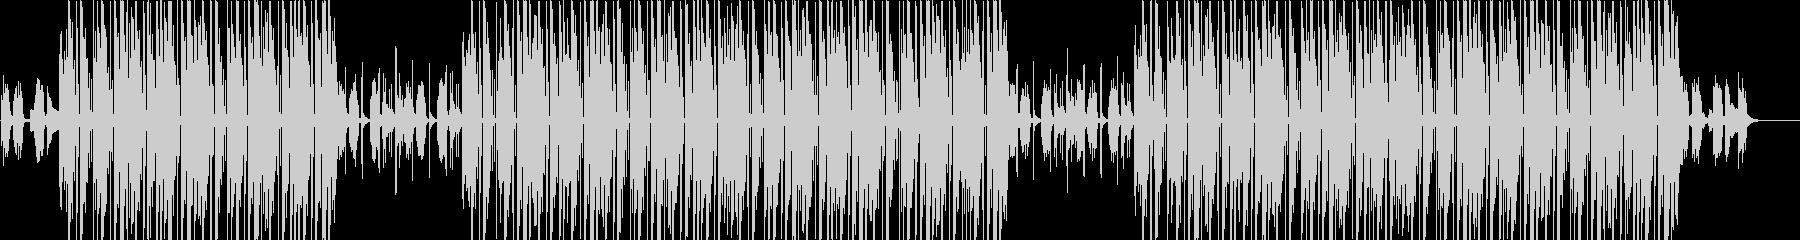 ローファイ、チルアウト、トラップソウル♪の未再生の波形